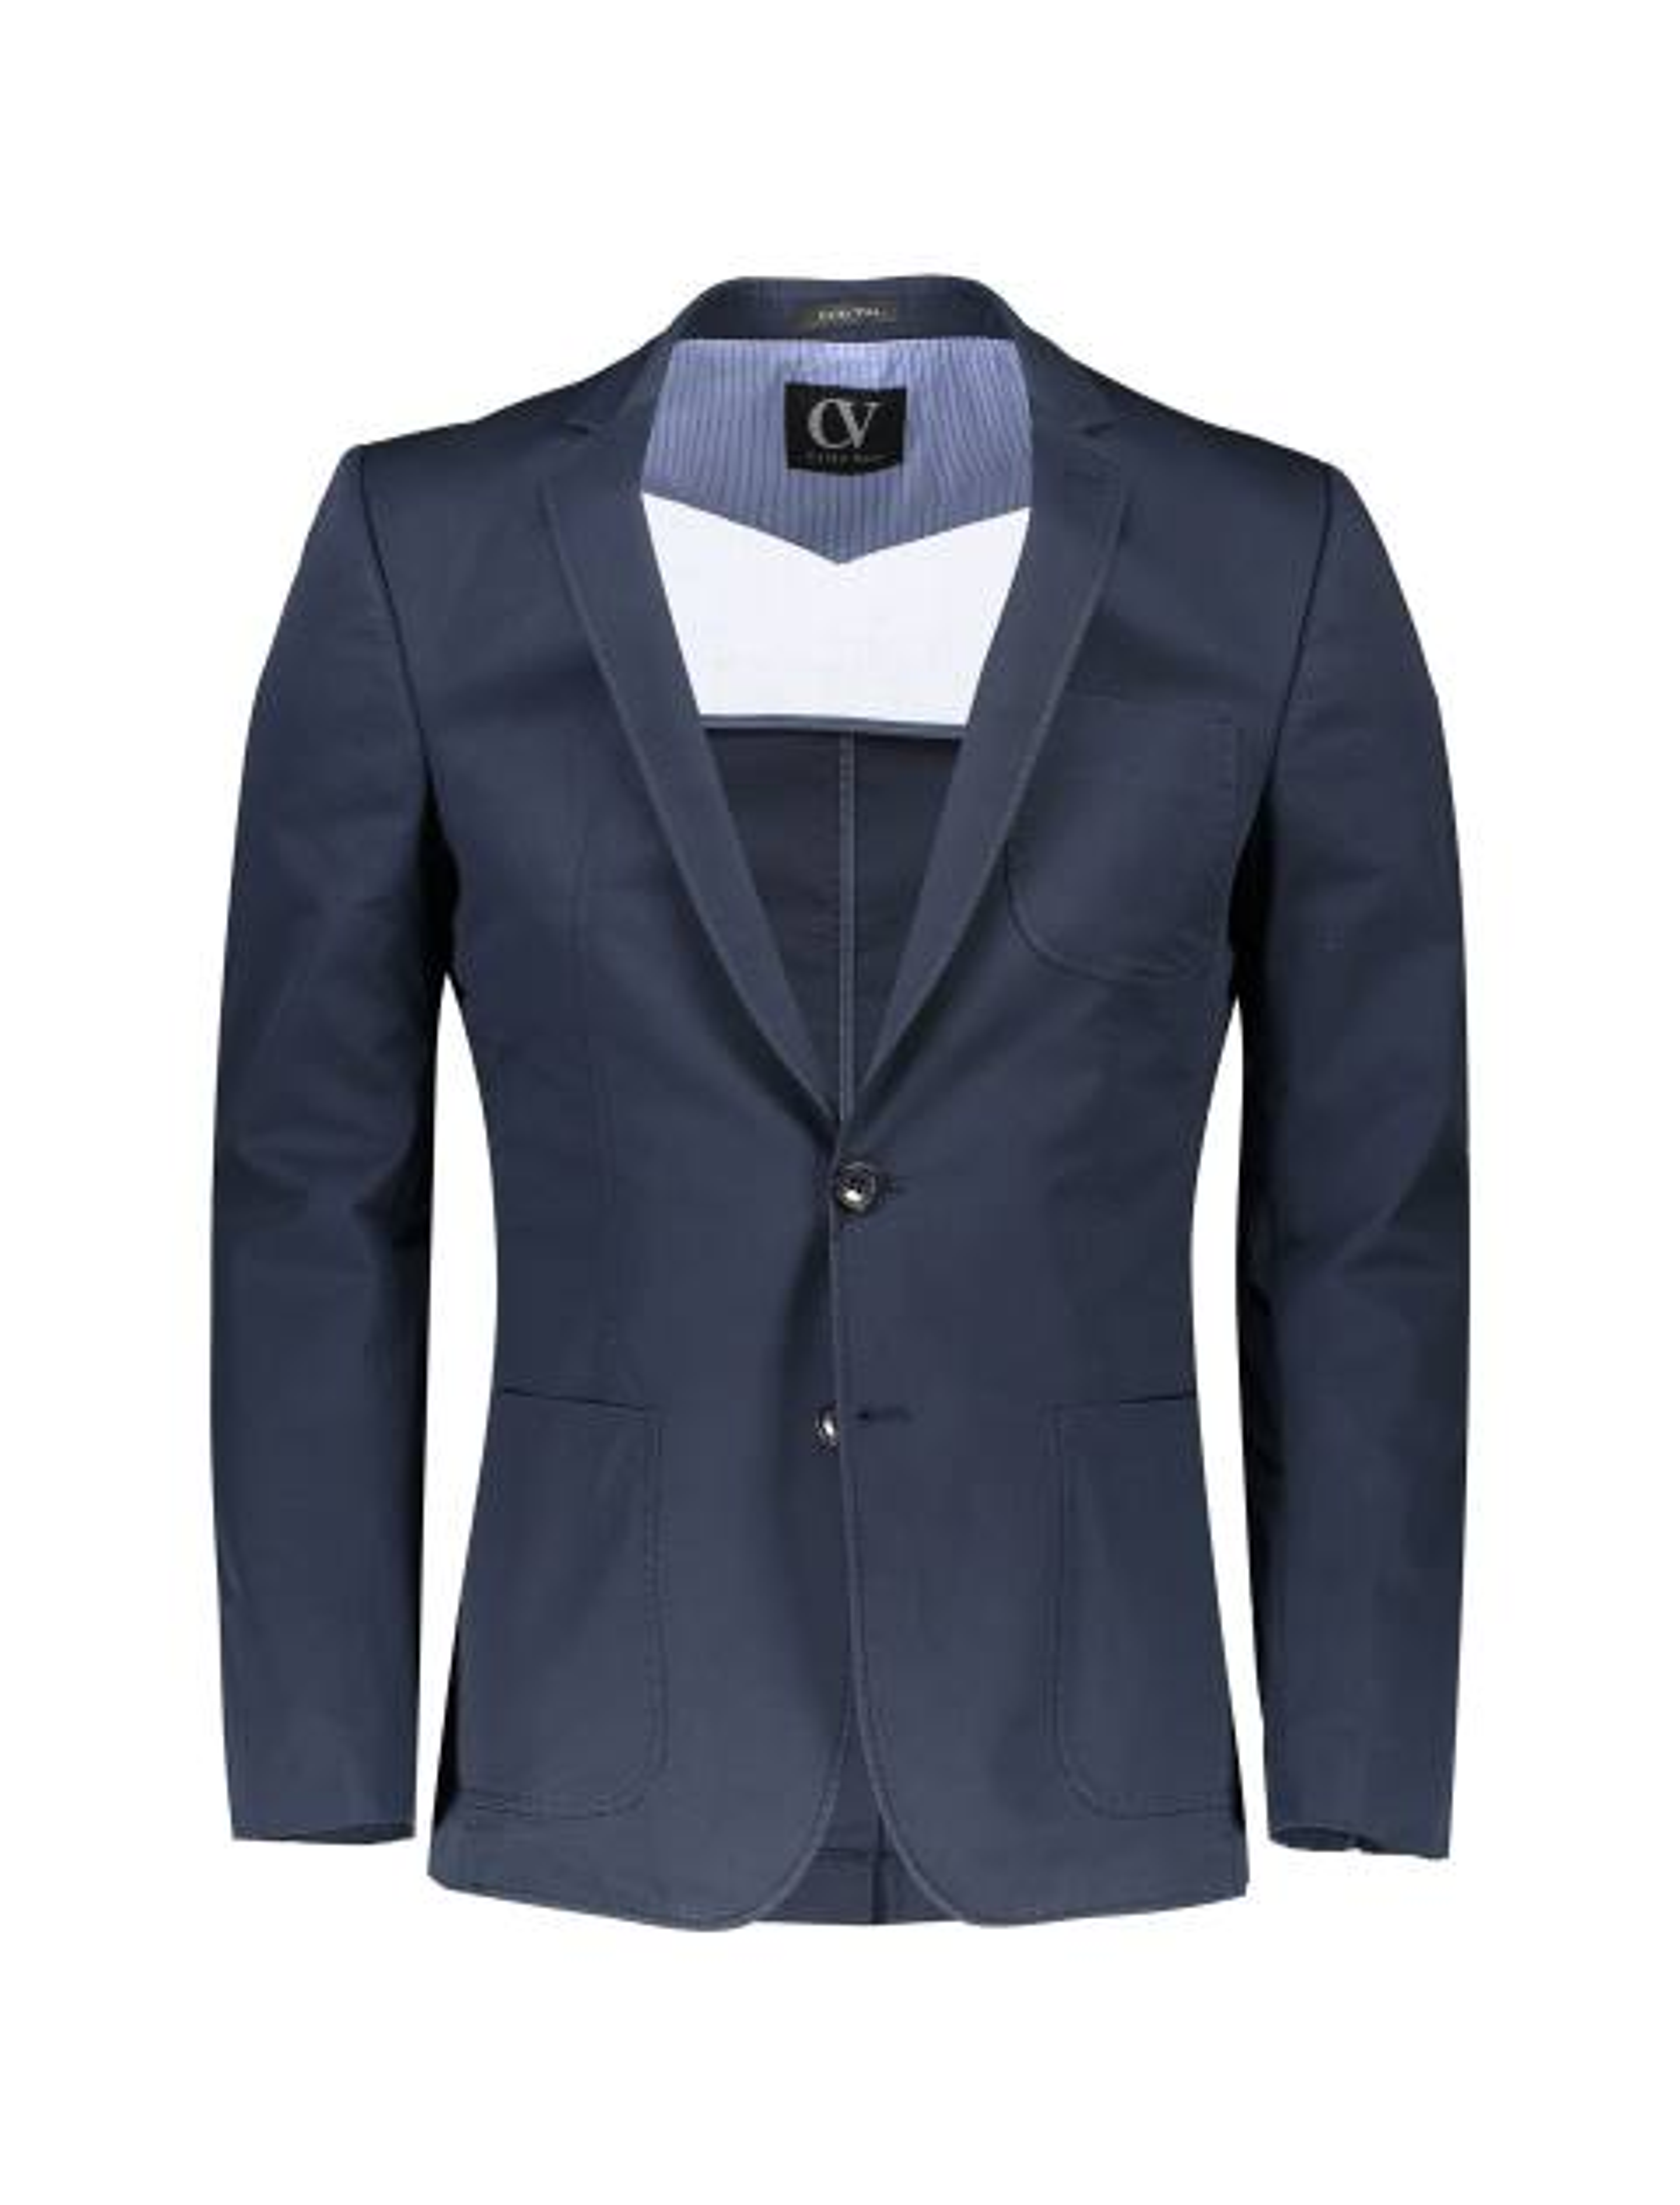 کت تک غیر رسمی نخی مردانه - سرمه اي - 1